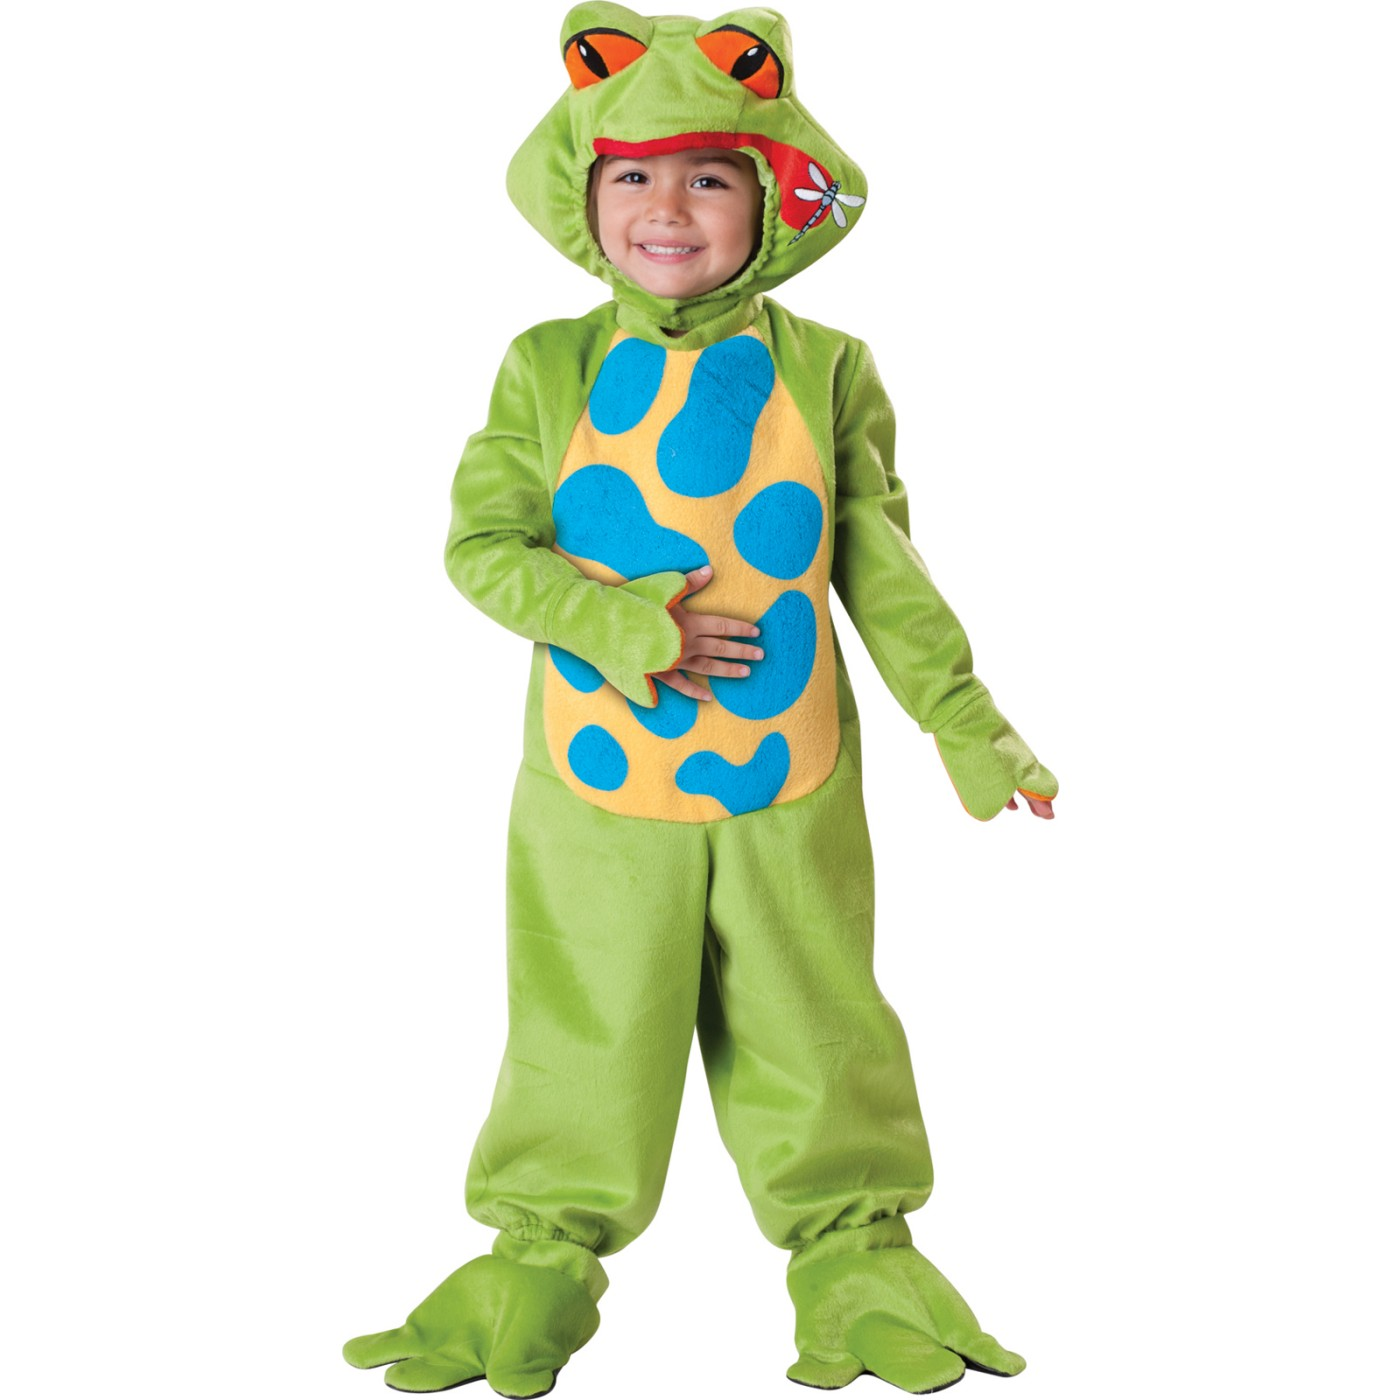 frog costumes for men women kids parties costume